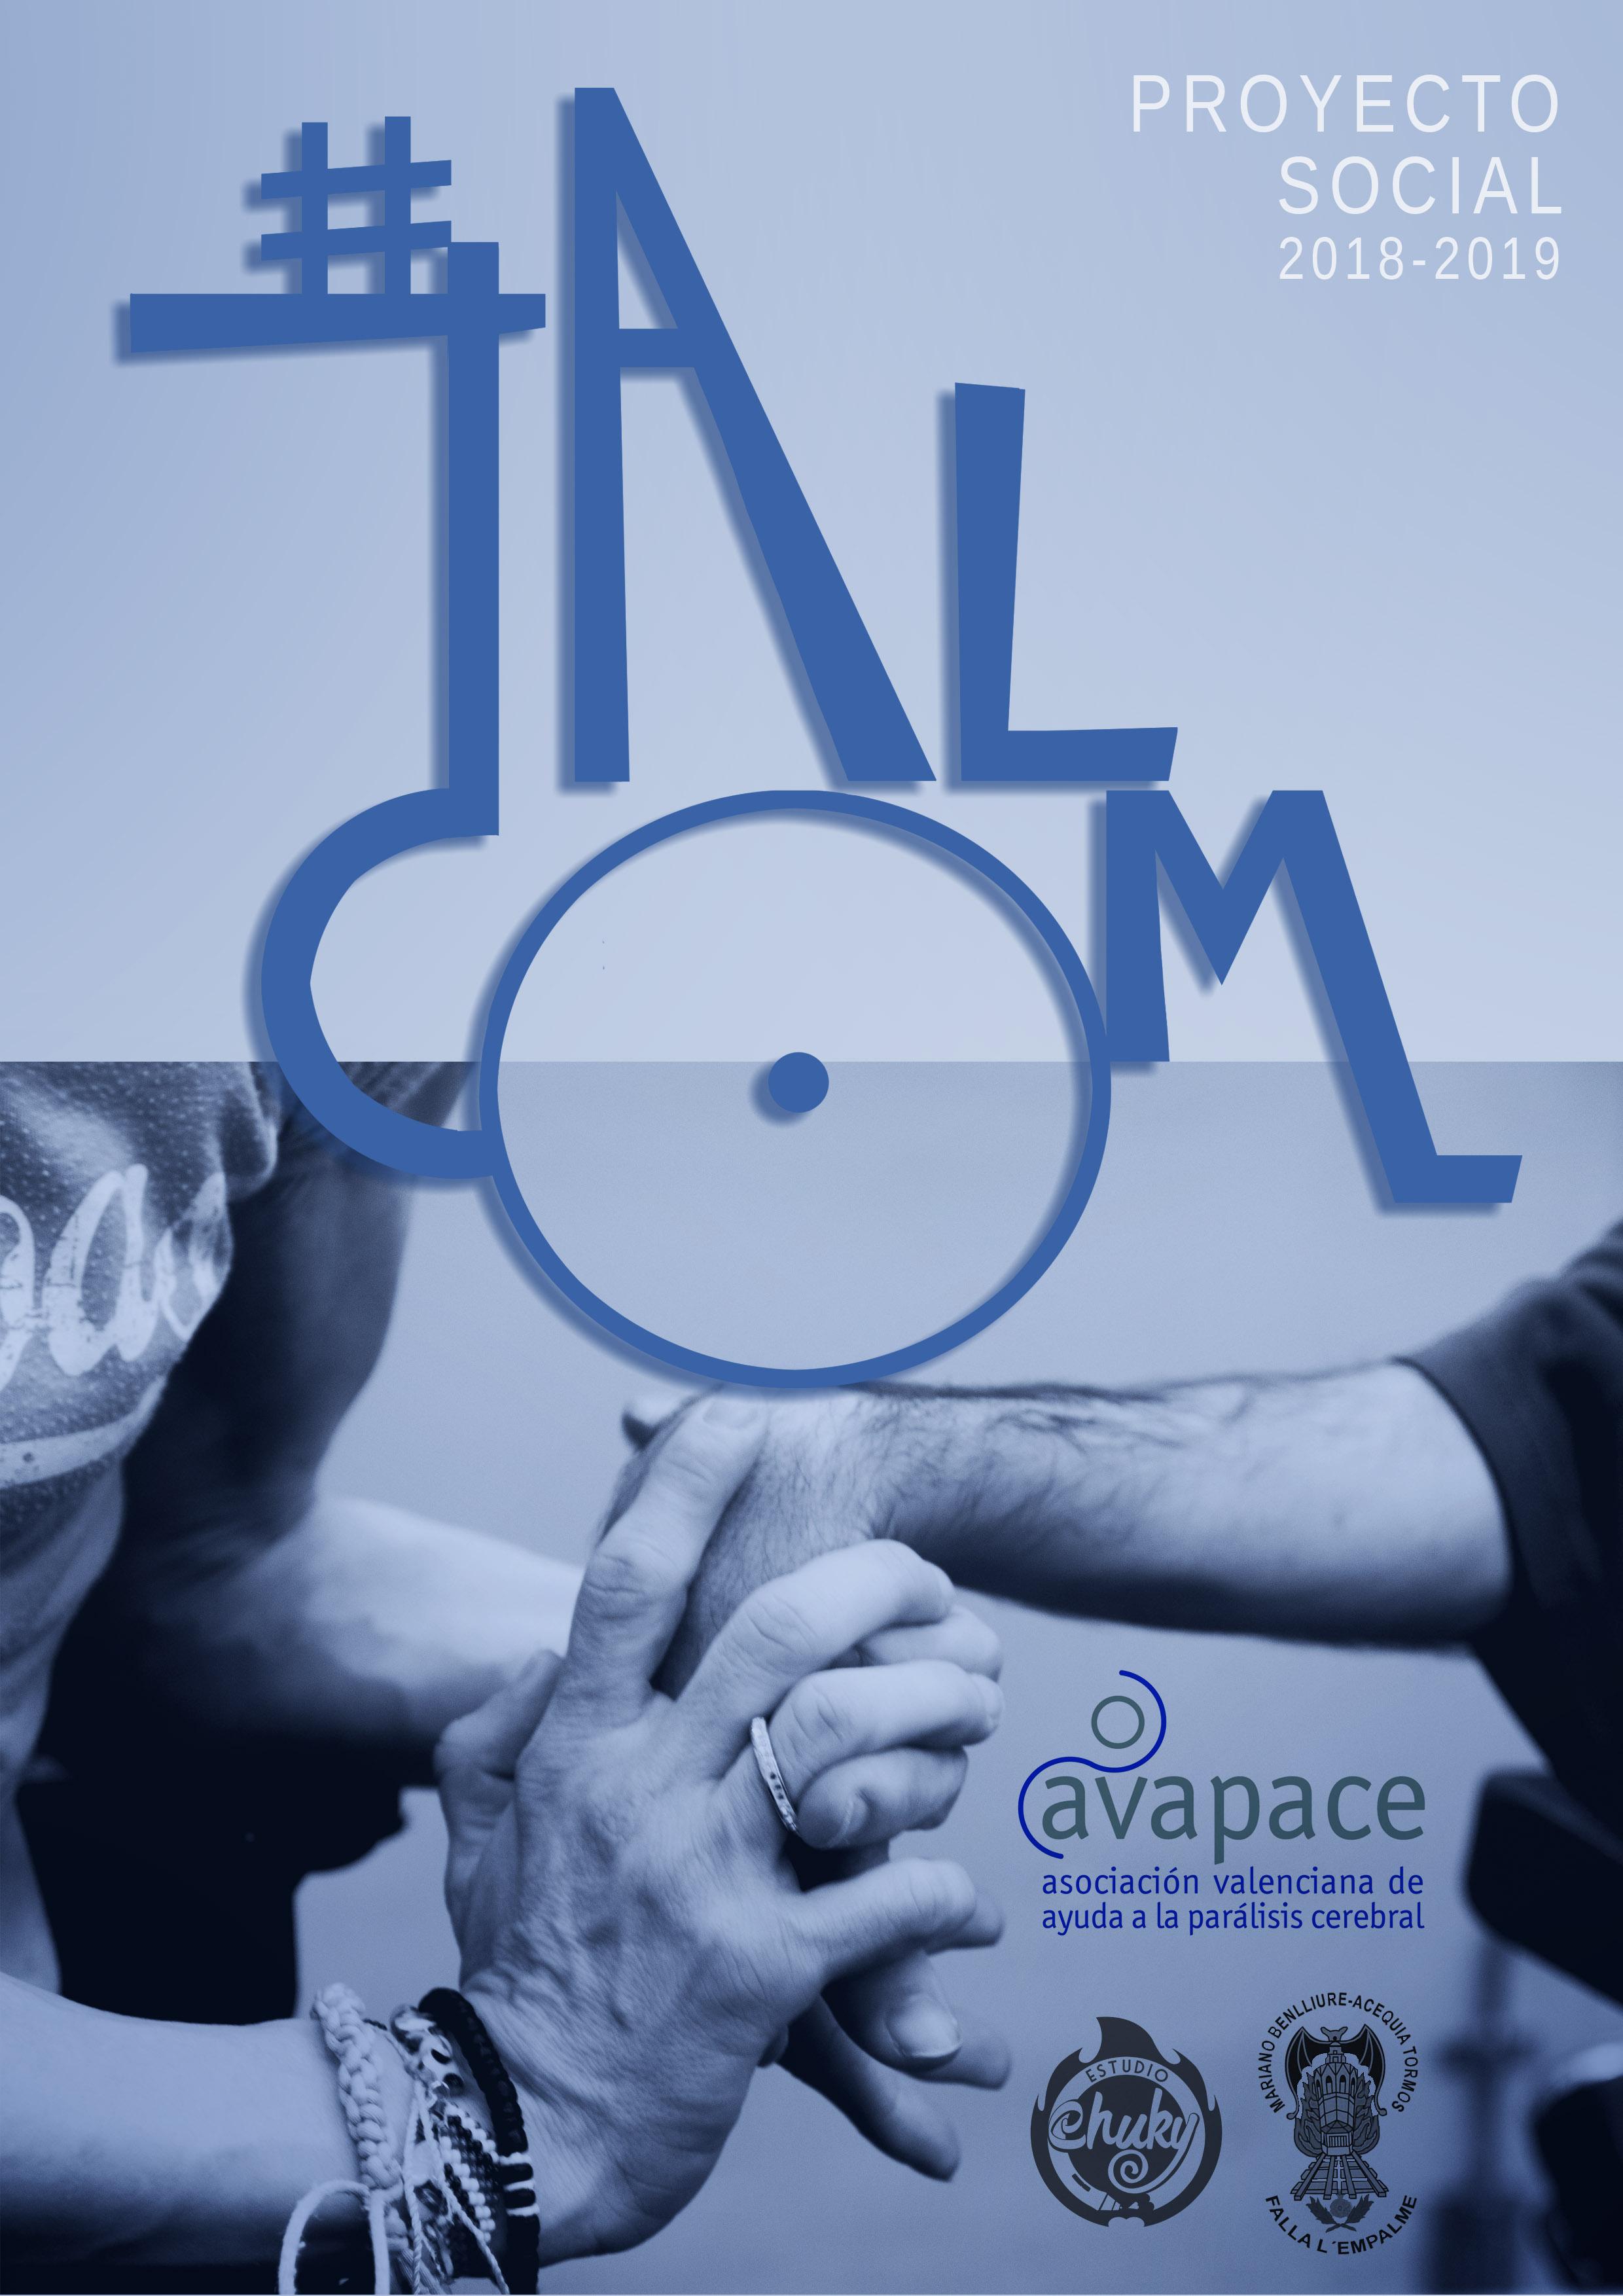 Imagen#talcom